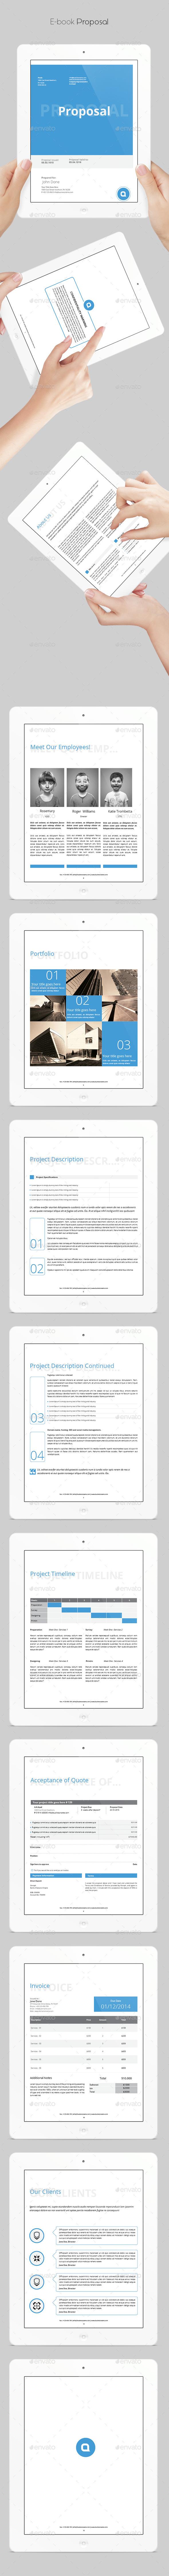 GraphicRiver E-book Proposal 10088383